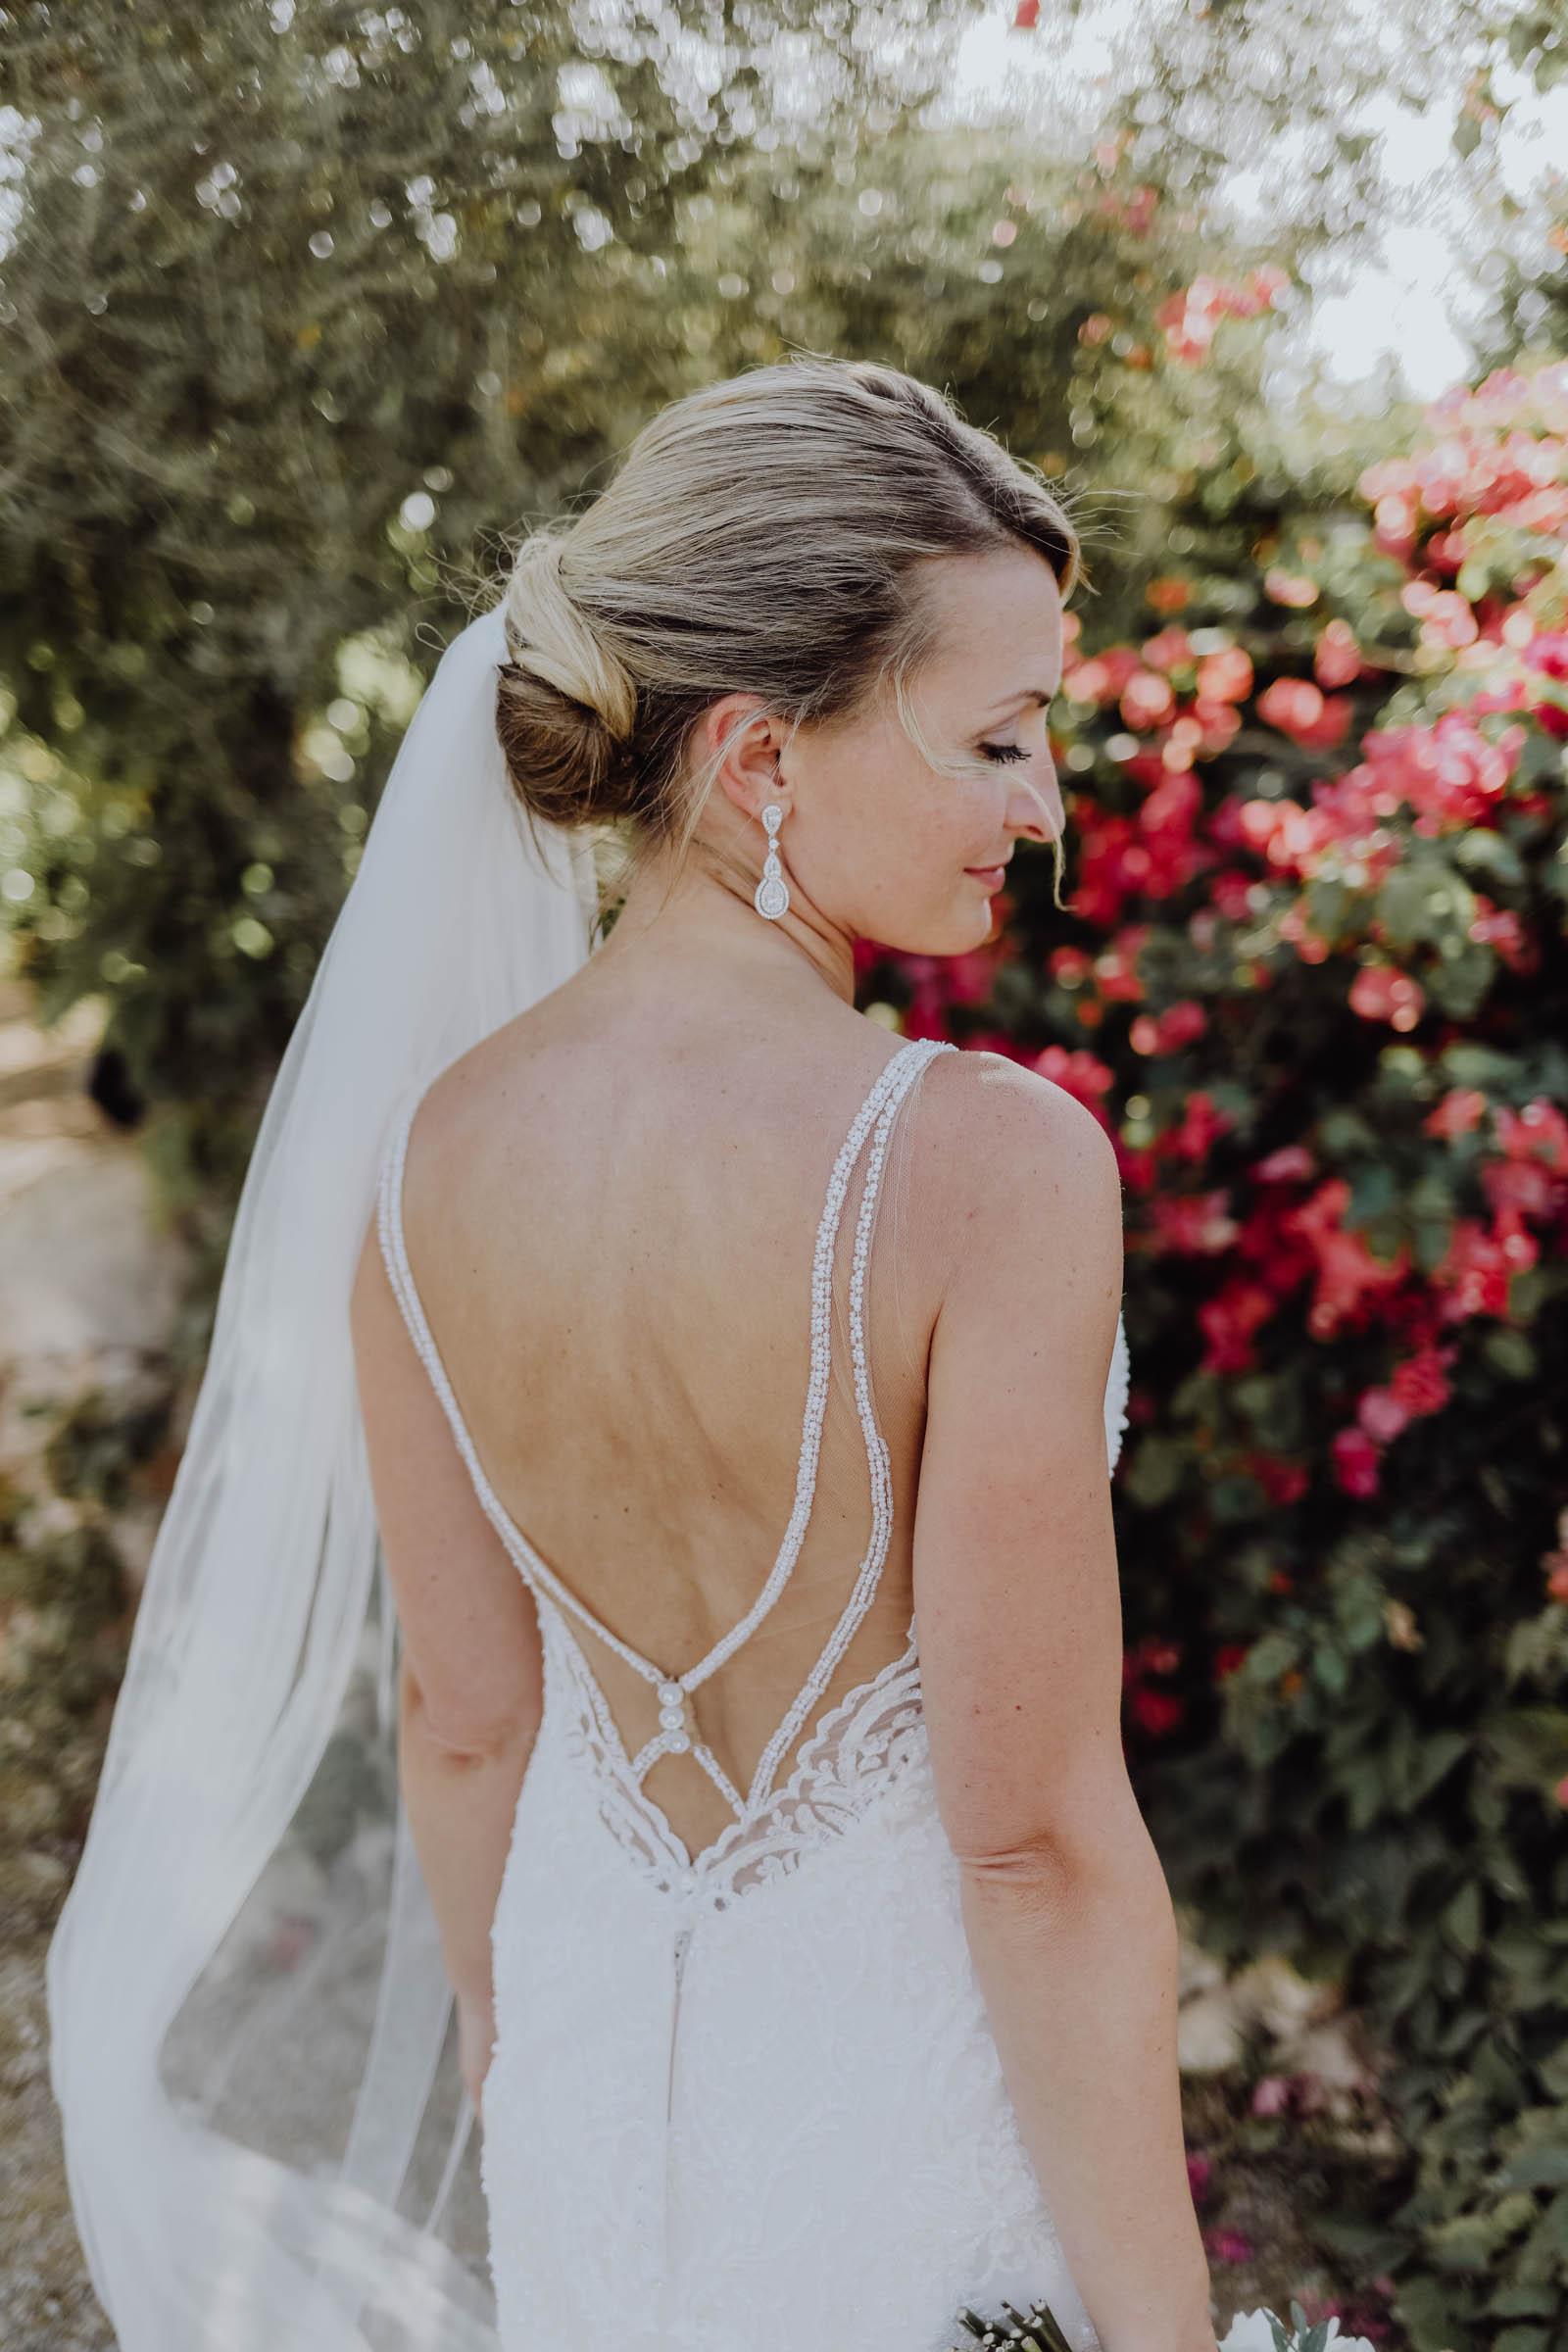 Braut mit Ohrringen steht vor pinken Blumen